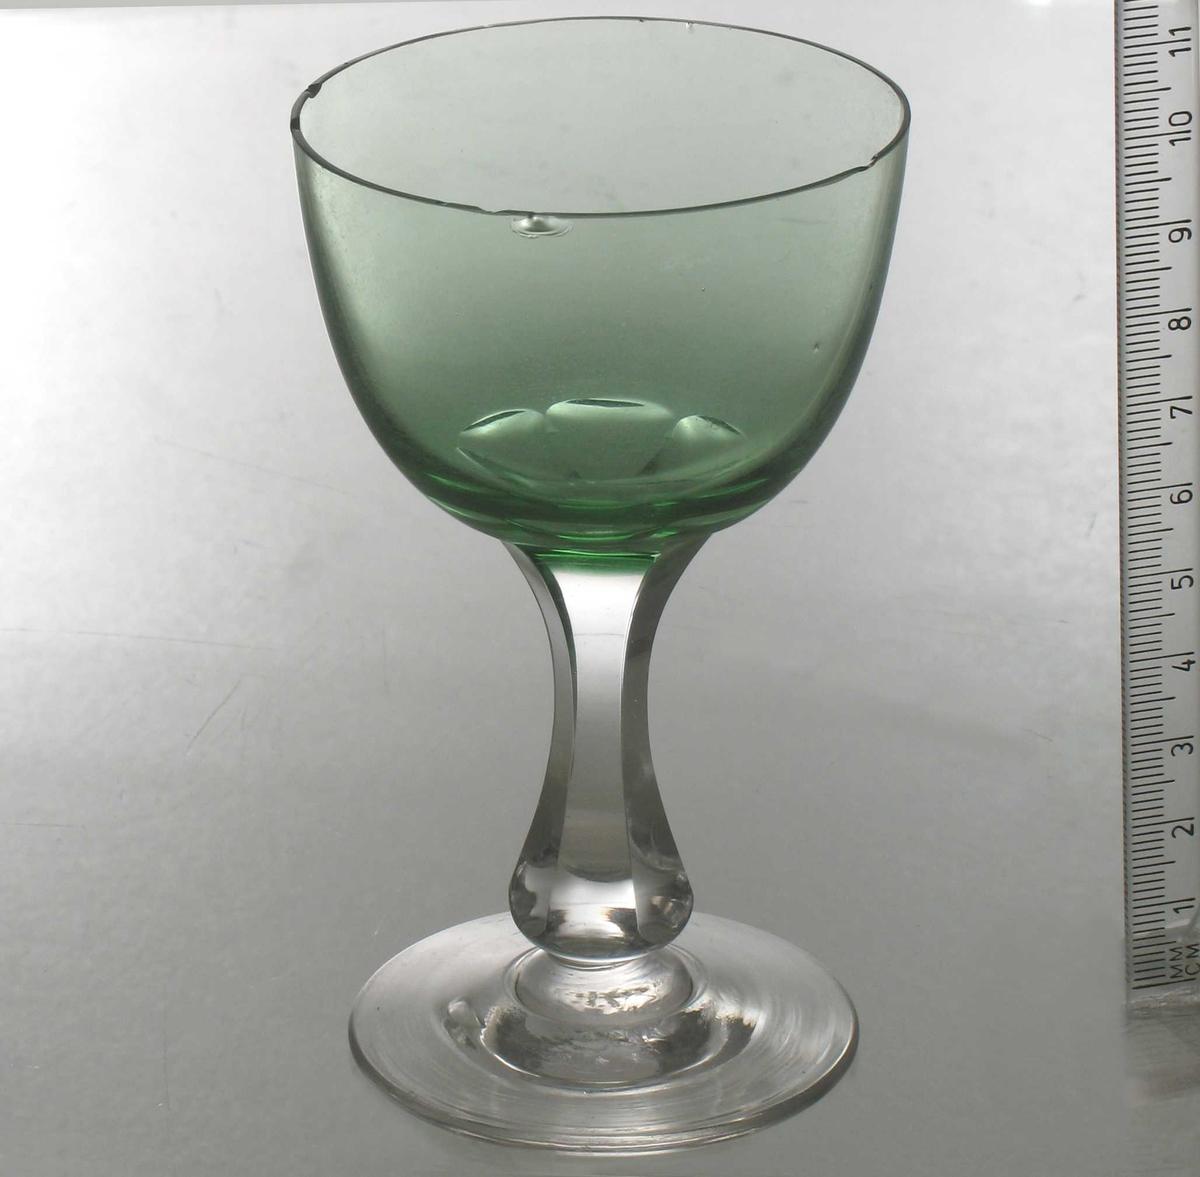 Rhinskvinsglass,  Klart  og grønt   glass.   Glatt  fot,   sekskantet stett ,  hvis slipninger ender den   rundbunnete, klokkeformete cupa begynne:  Vi klokke,   grønnfargen avtones mot munningen.  Grønnfargen er dypere enn 1930-årenes foretrukne lysere grønne.